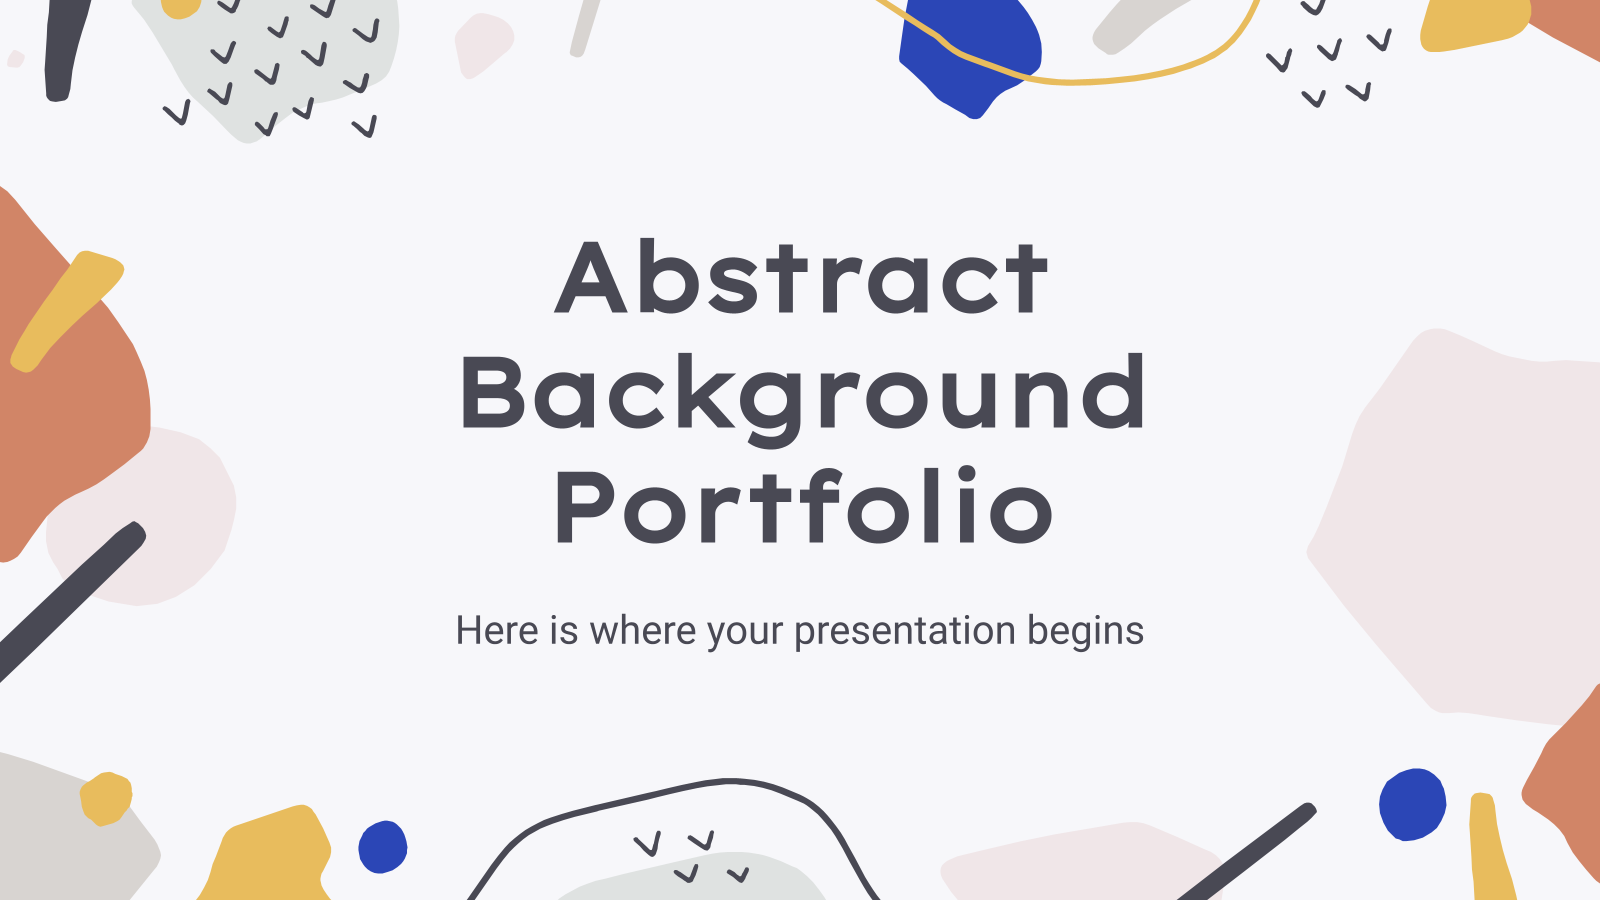 Plantilla de presentación Portafolio de fondo abstracto